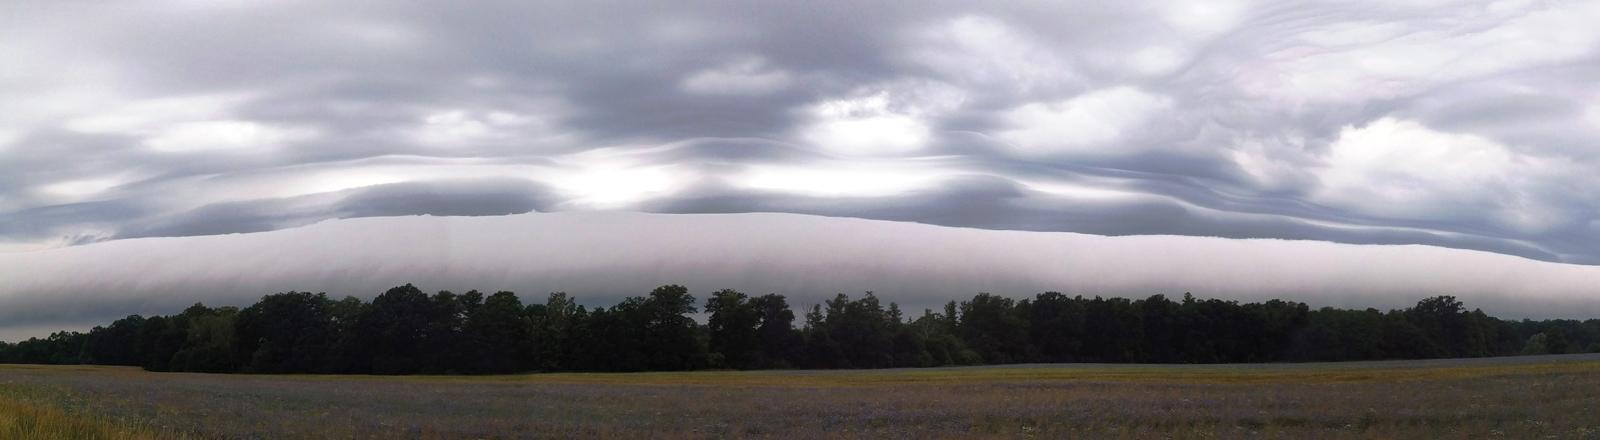 Wolken in eine Stratocumulus-Volutus-Wolkenformation